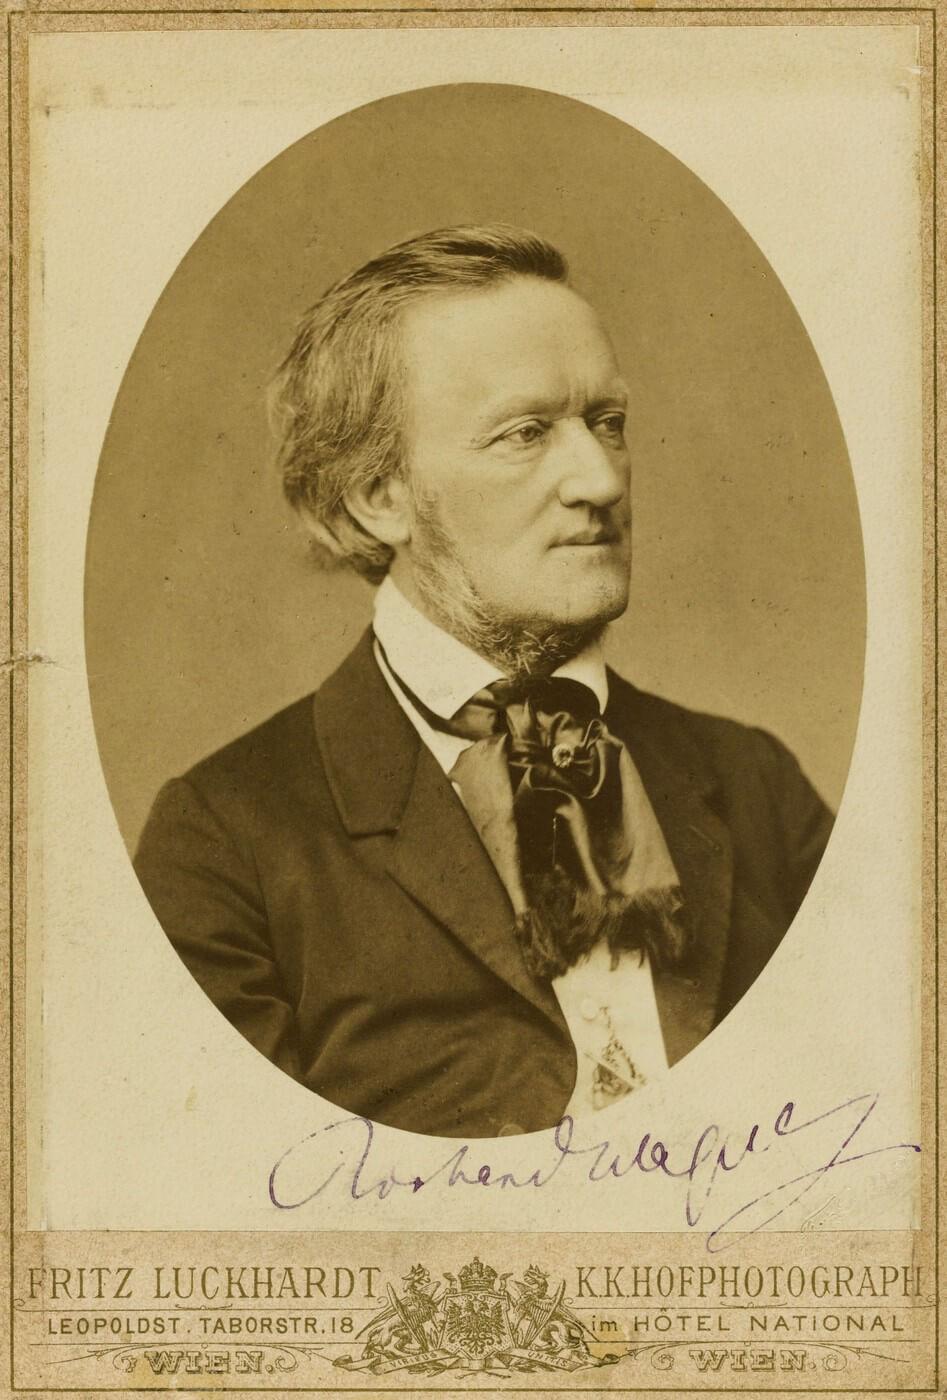 Baudelaire aan Richard Wagner. Parijs, vrijdag 17 februari 1860. Vertaling correspondentie Baudelaire, vertalingen Vivienne Stringa